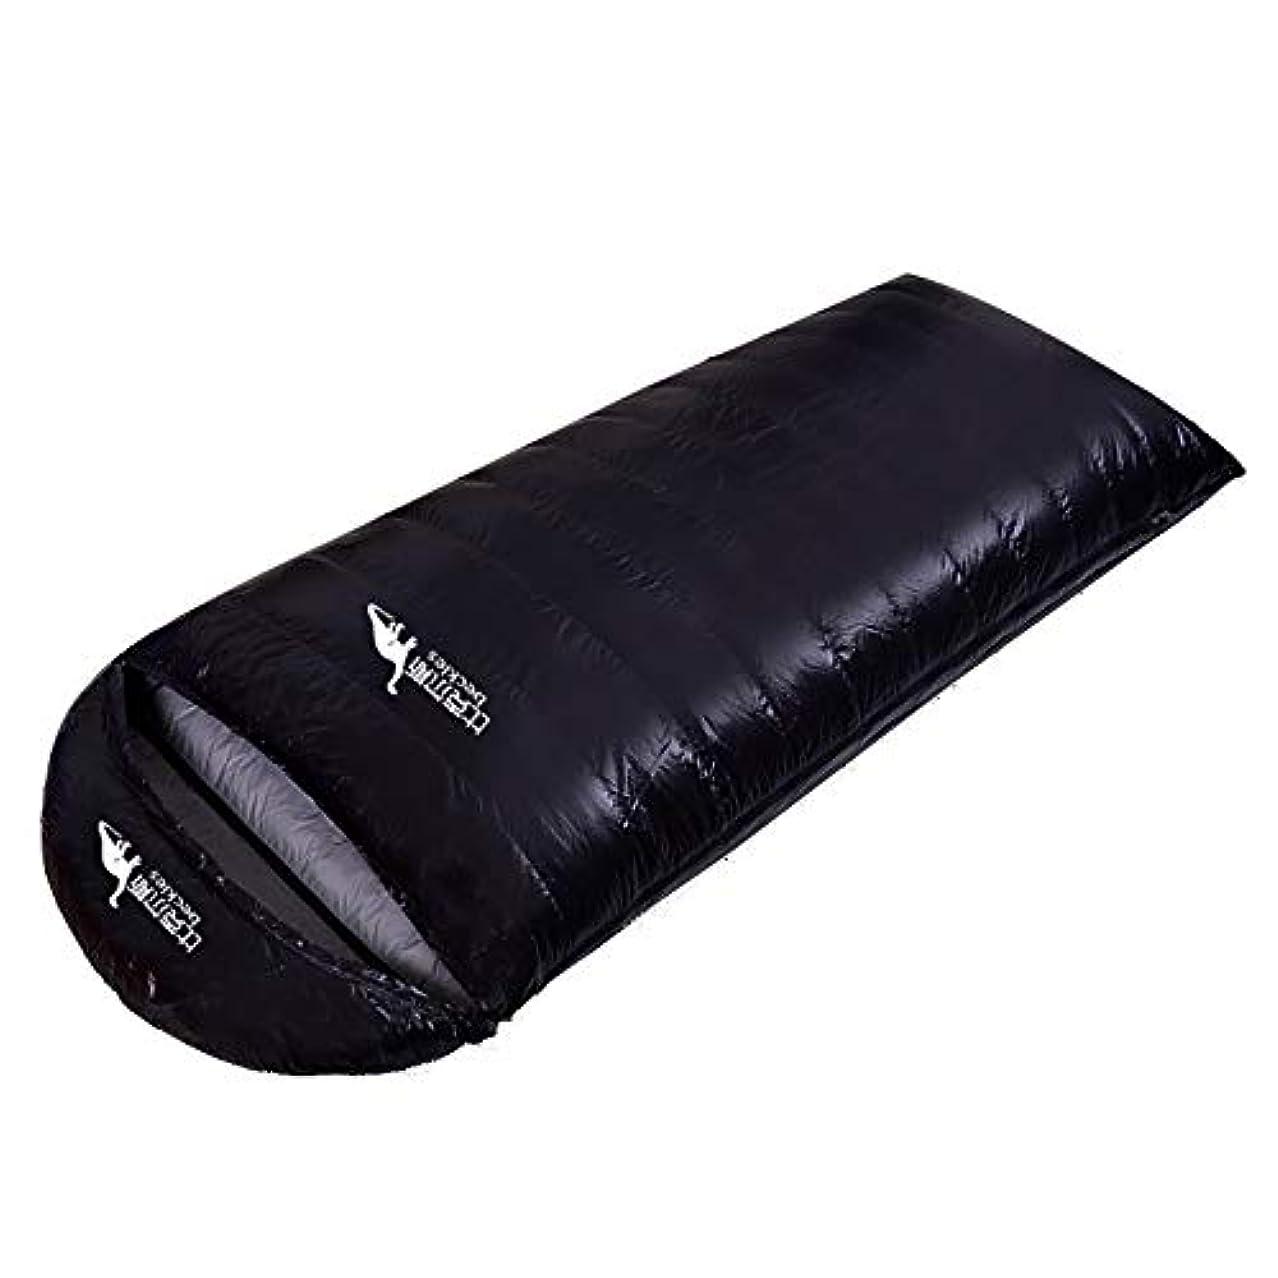 完全に故意に電卓BOSOZOKU 超軽量 防水 キャンプ 旅行 寝袋 ポータブル 封筒 グースダウン 寝袋